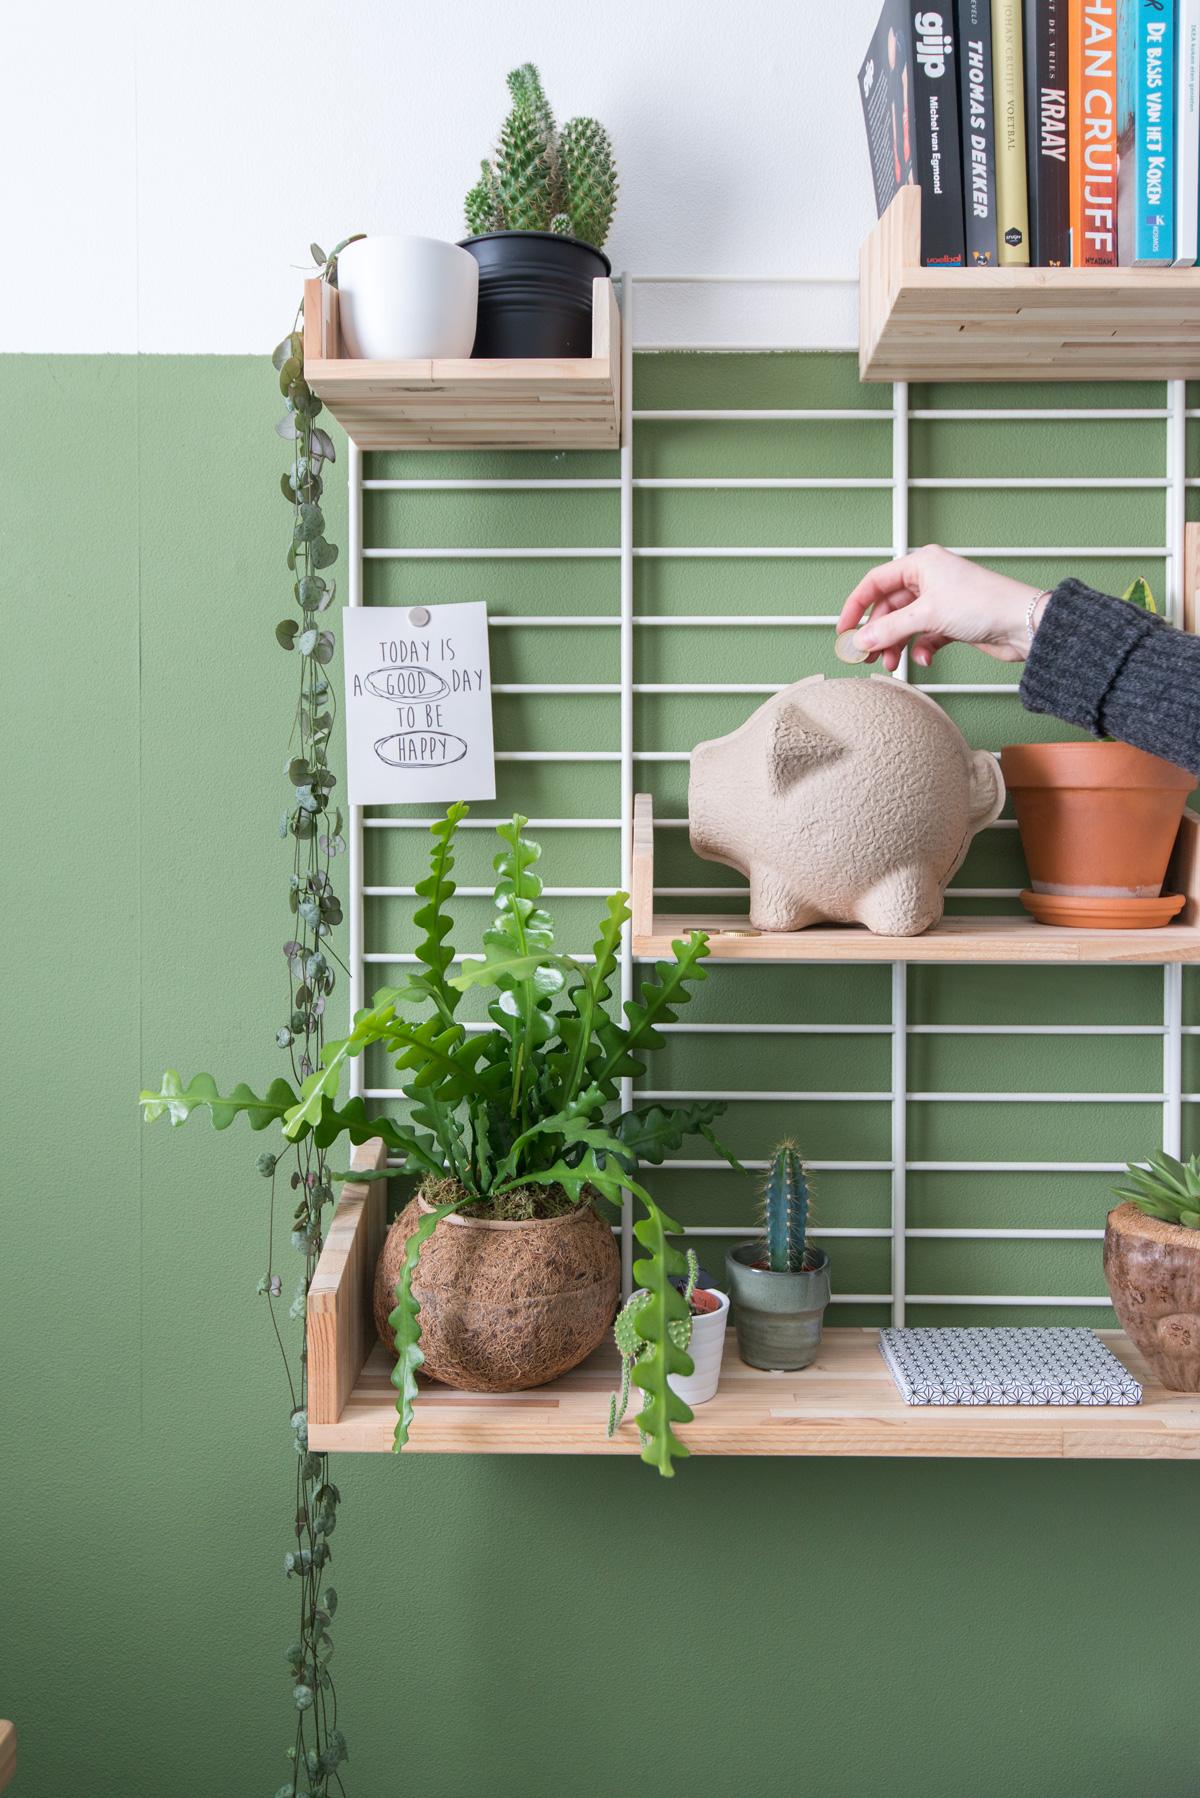 puikdesign tammy spaarpot papiermache green interior homeoffice tolhuijs design fency planten zaagcactus